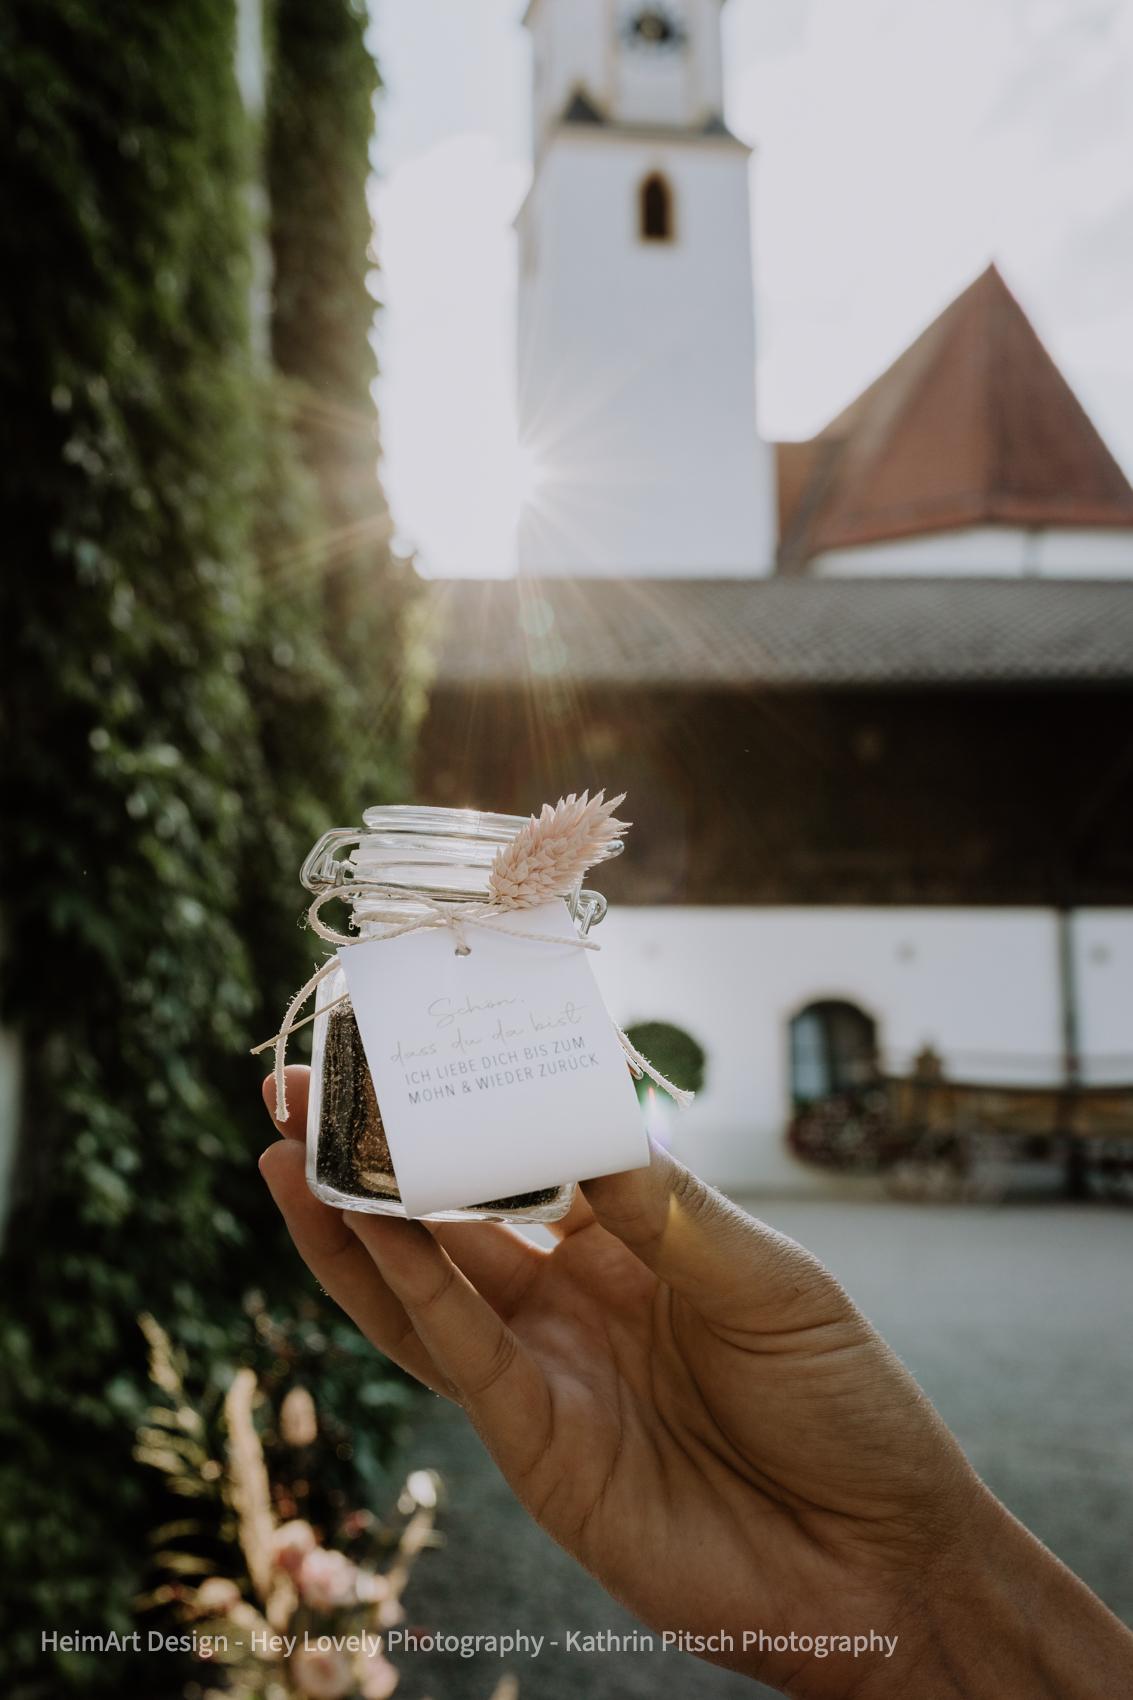 HeimArt Design Papeterie Mohnblumen Chiemsee Hochzeit Gastgeschenk Gut Ising